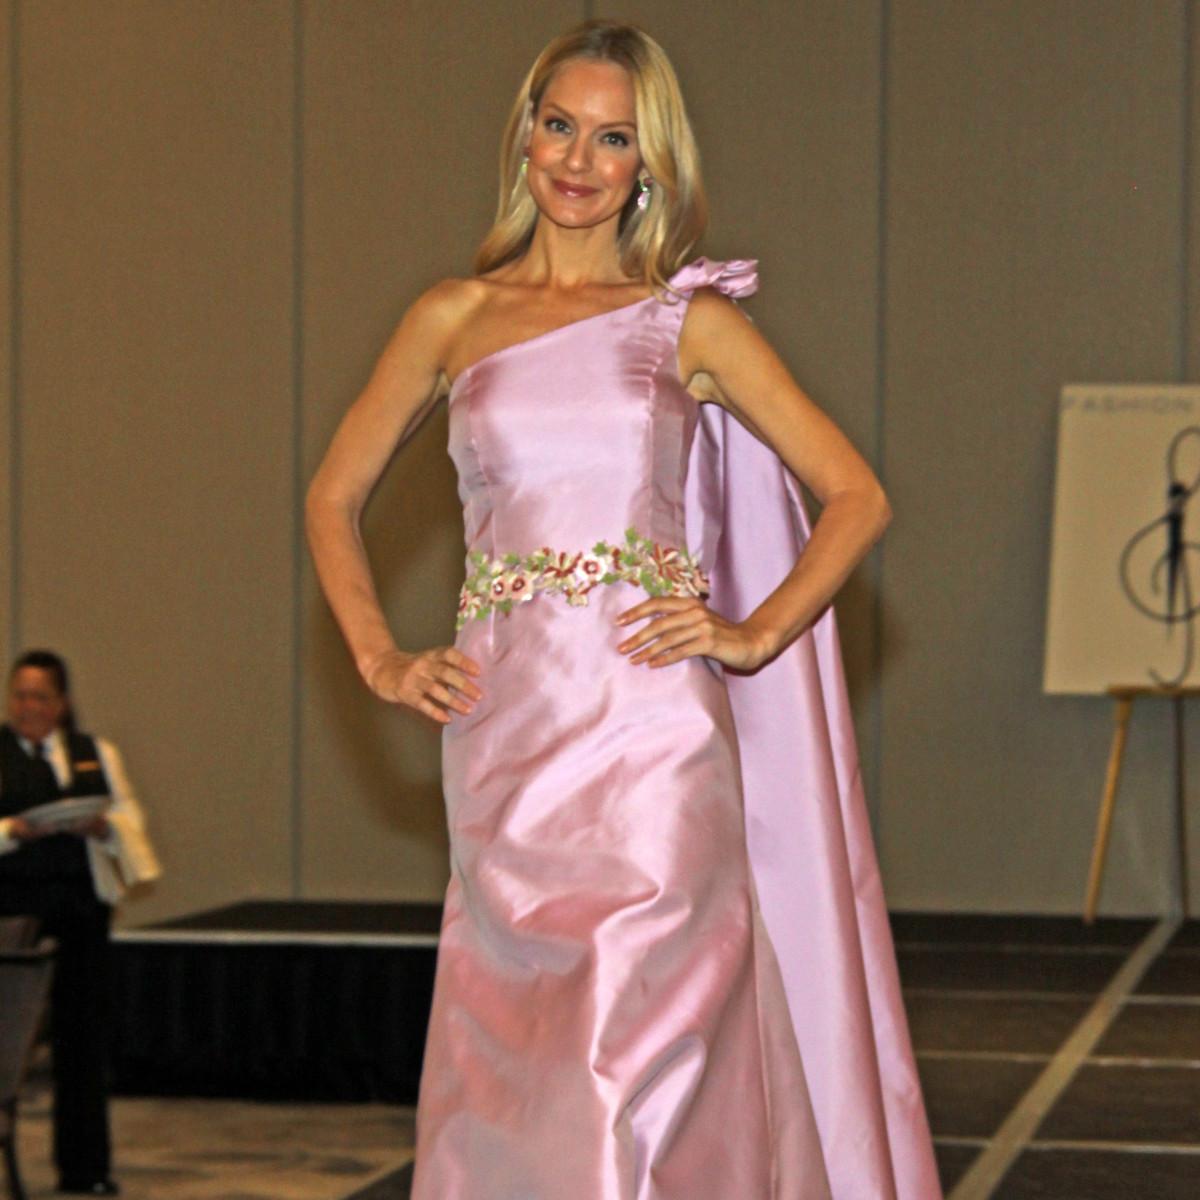 Patti Flowers fashion, DSOL Fashion Notes